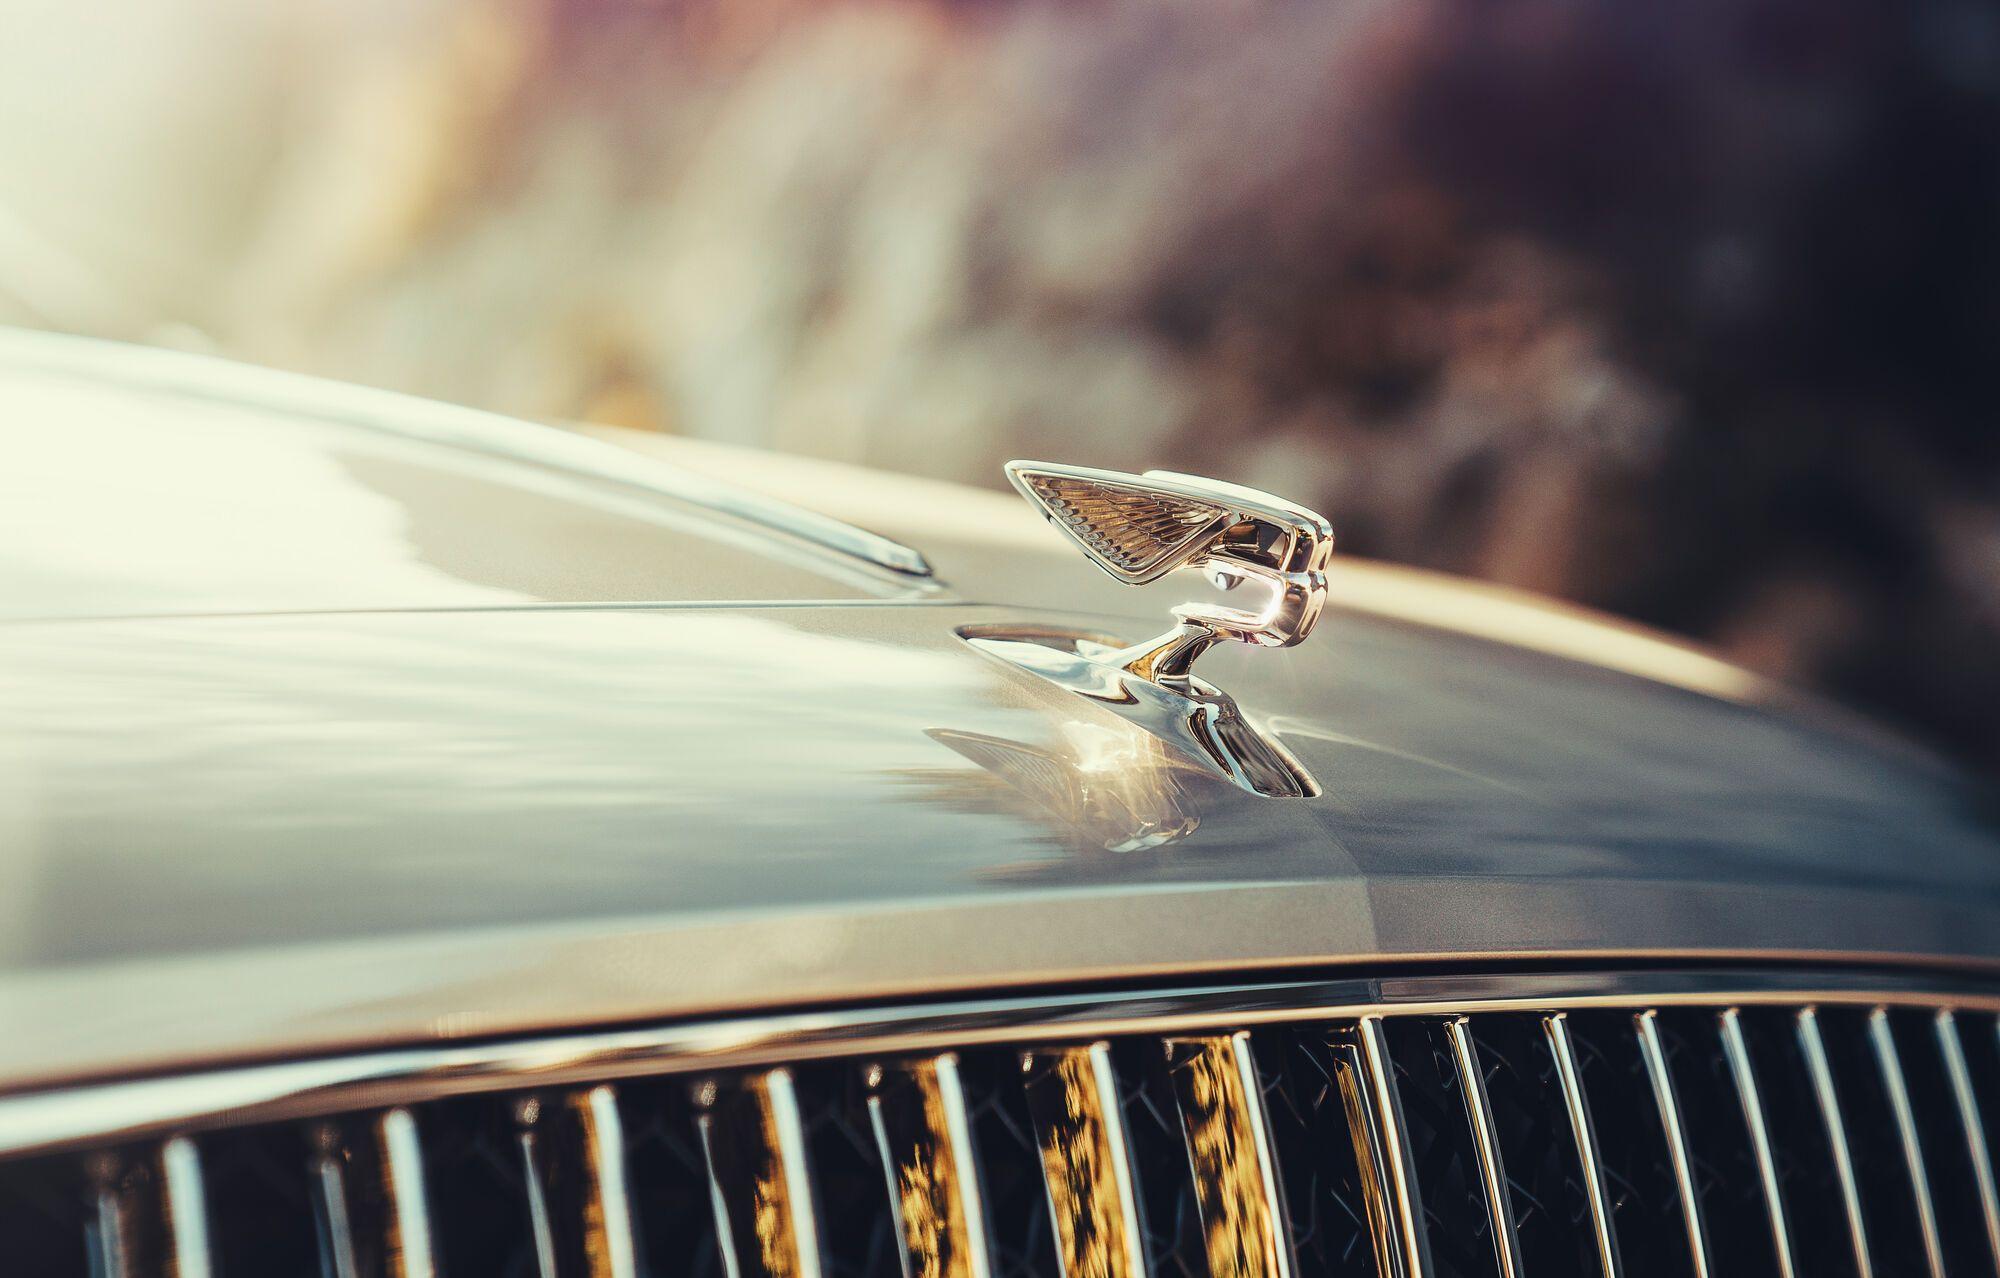 Эмблемой Bentley Flying Spur можно управлять с тачскрина мультимедийной системы